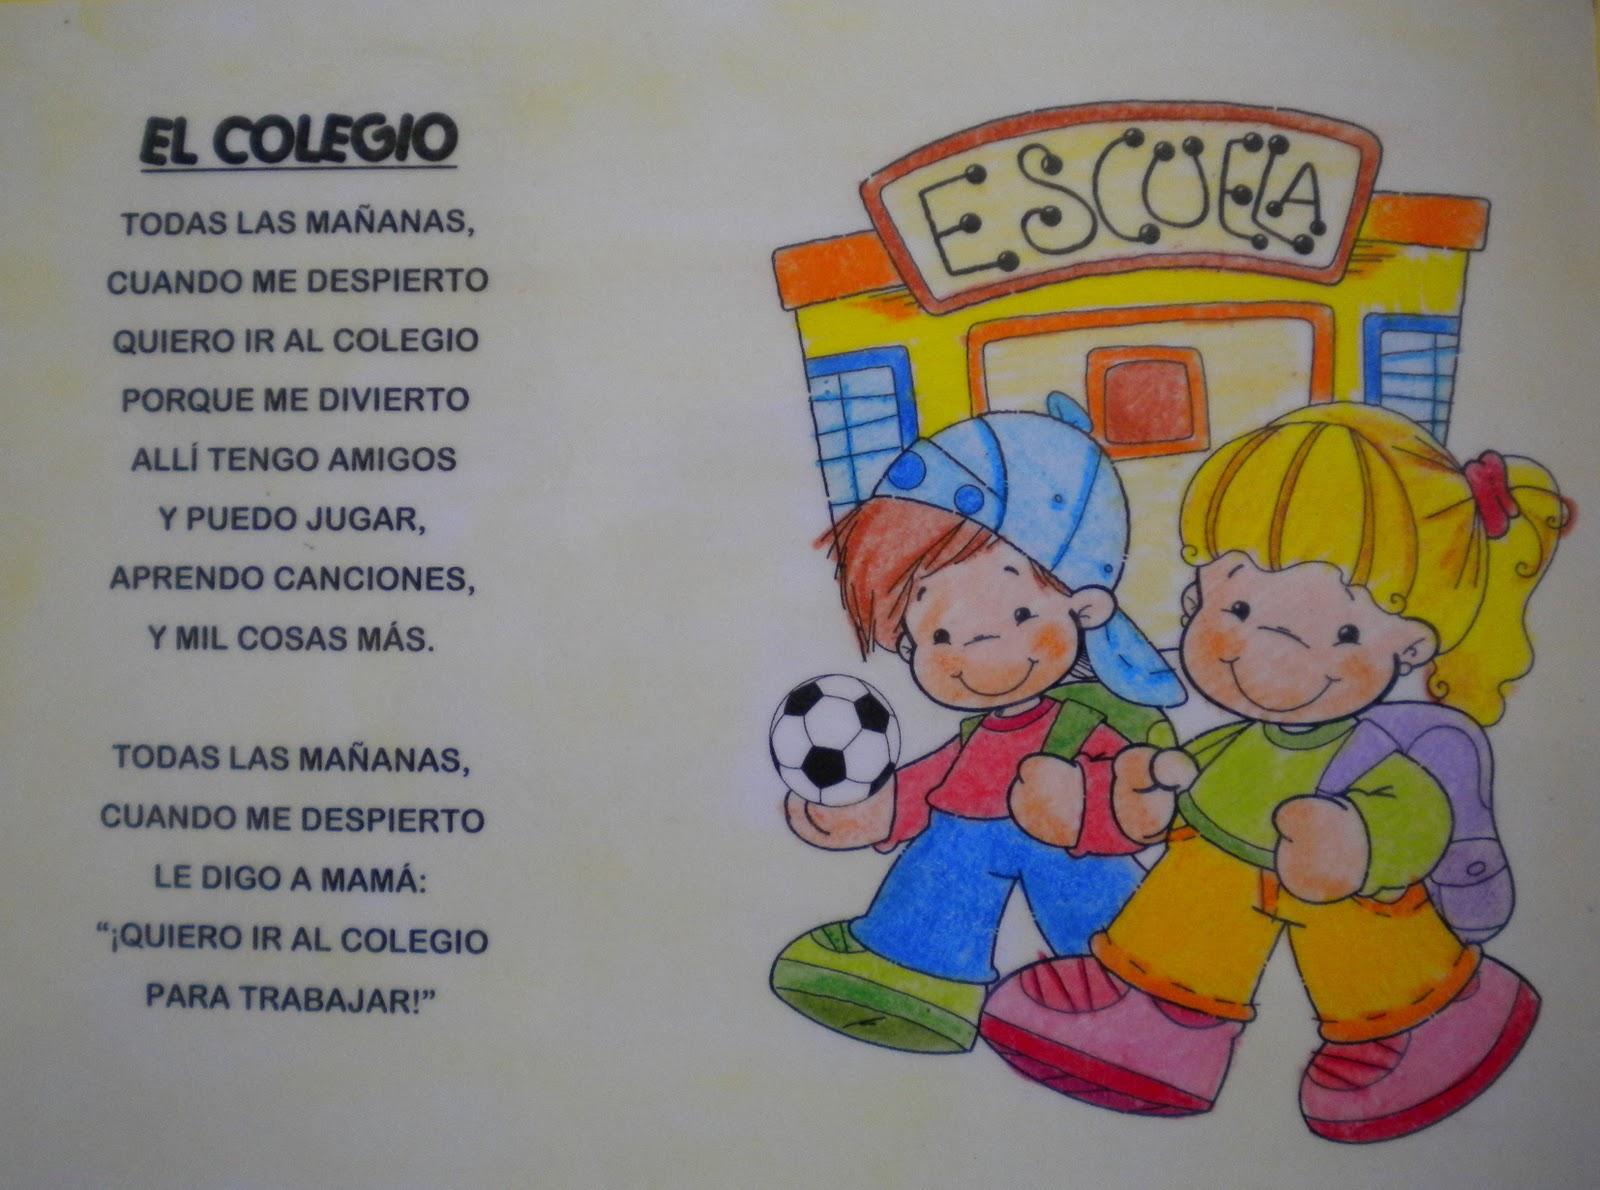 Poema El Colegio